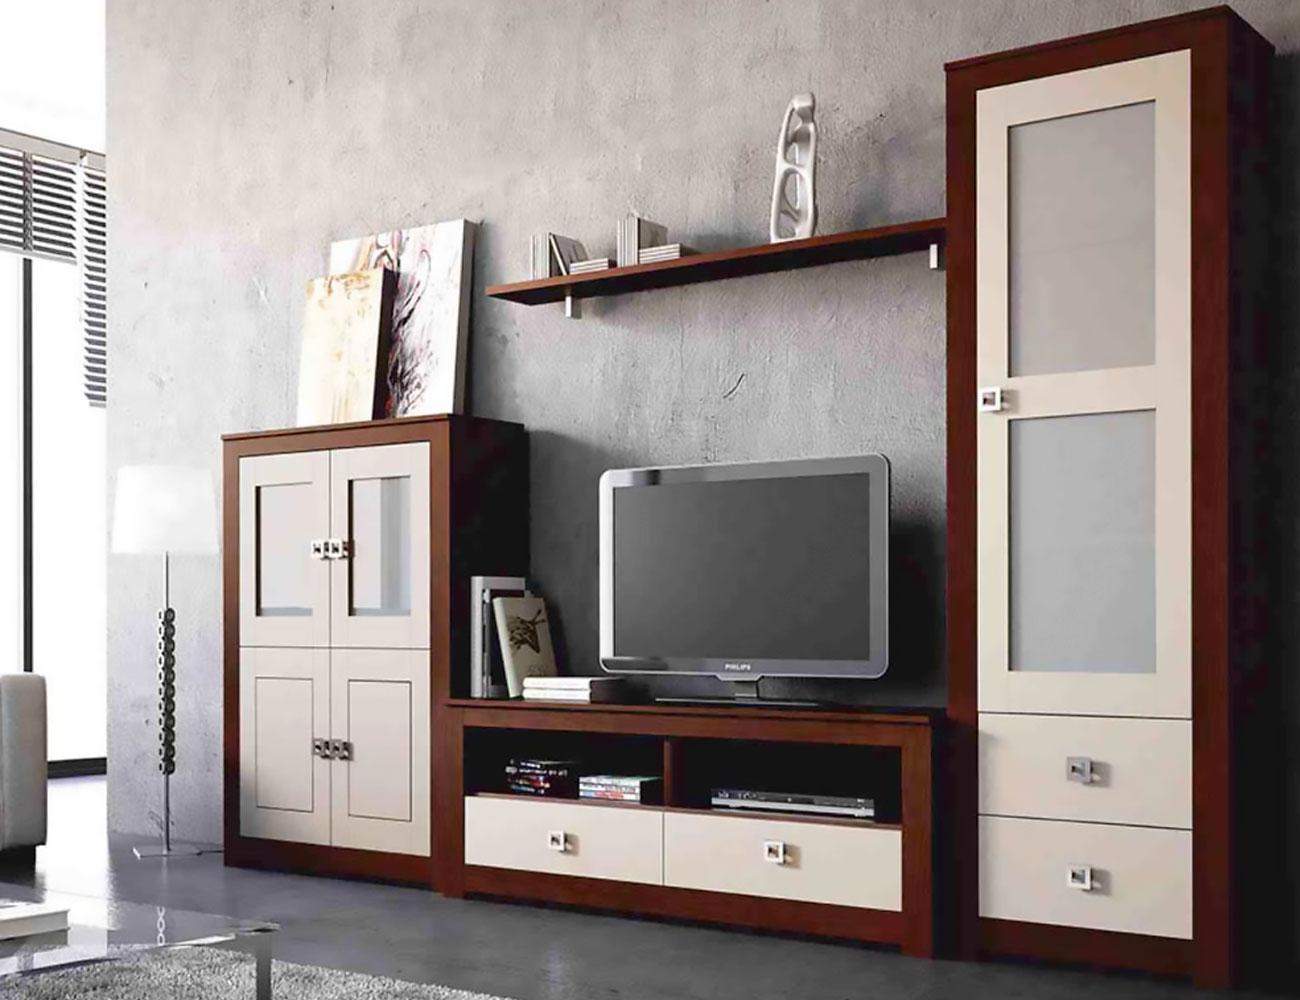 Mueble salon modular  nogal piedra madera dm3